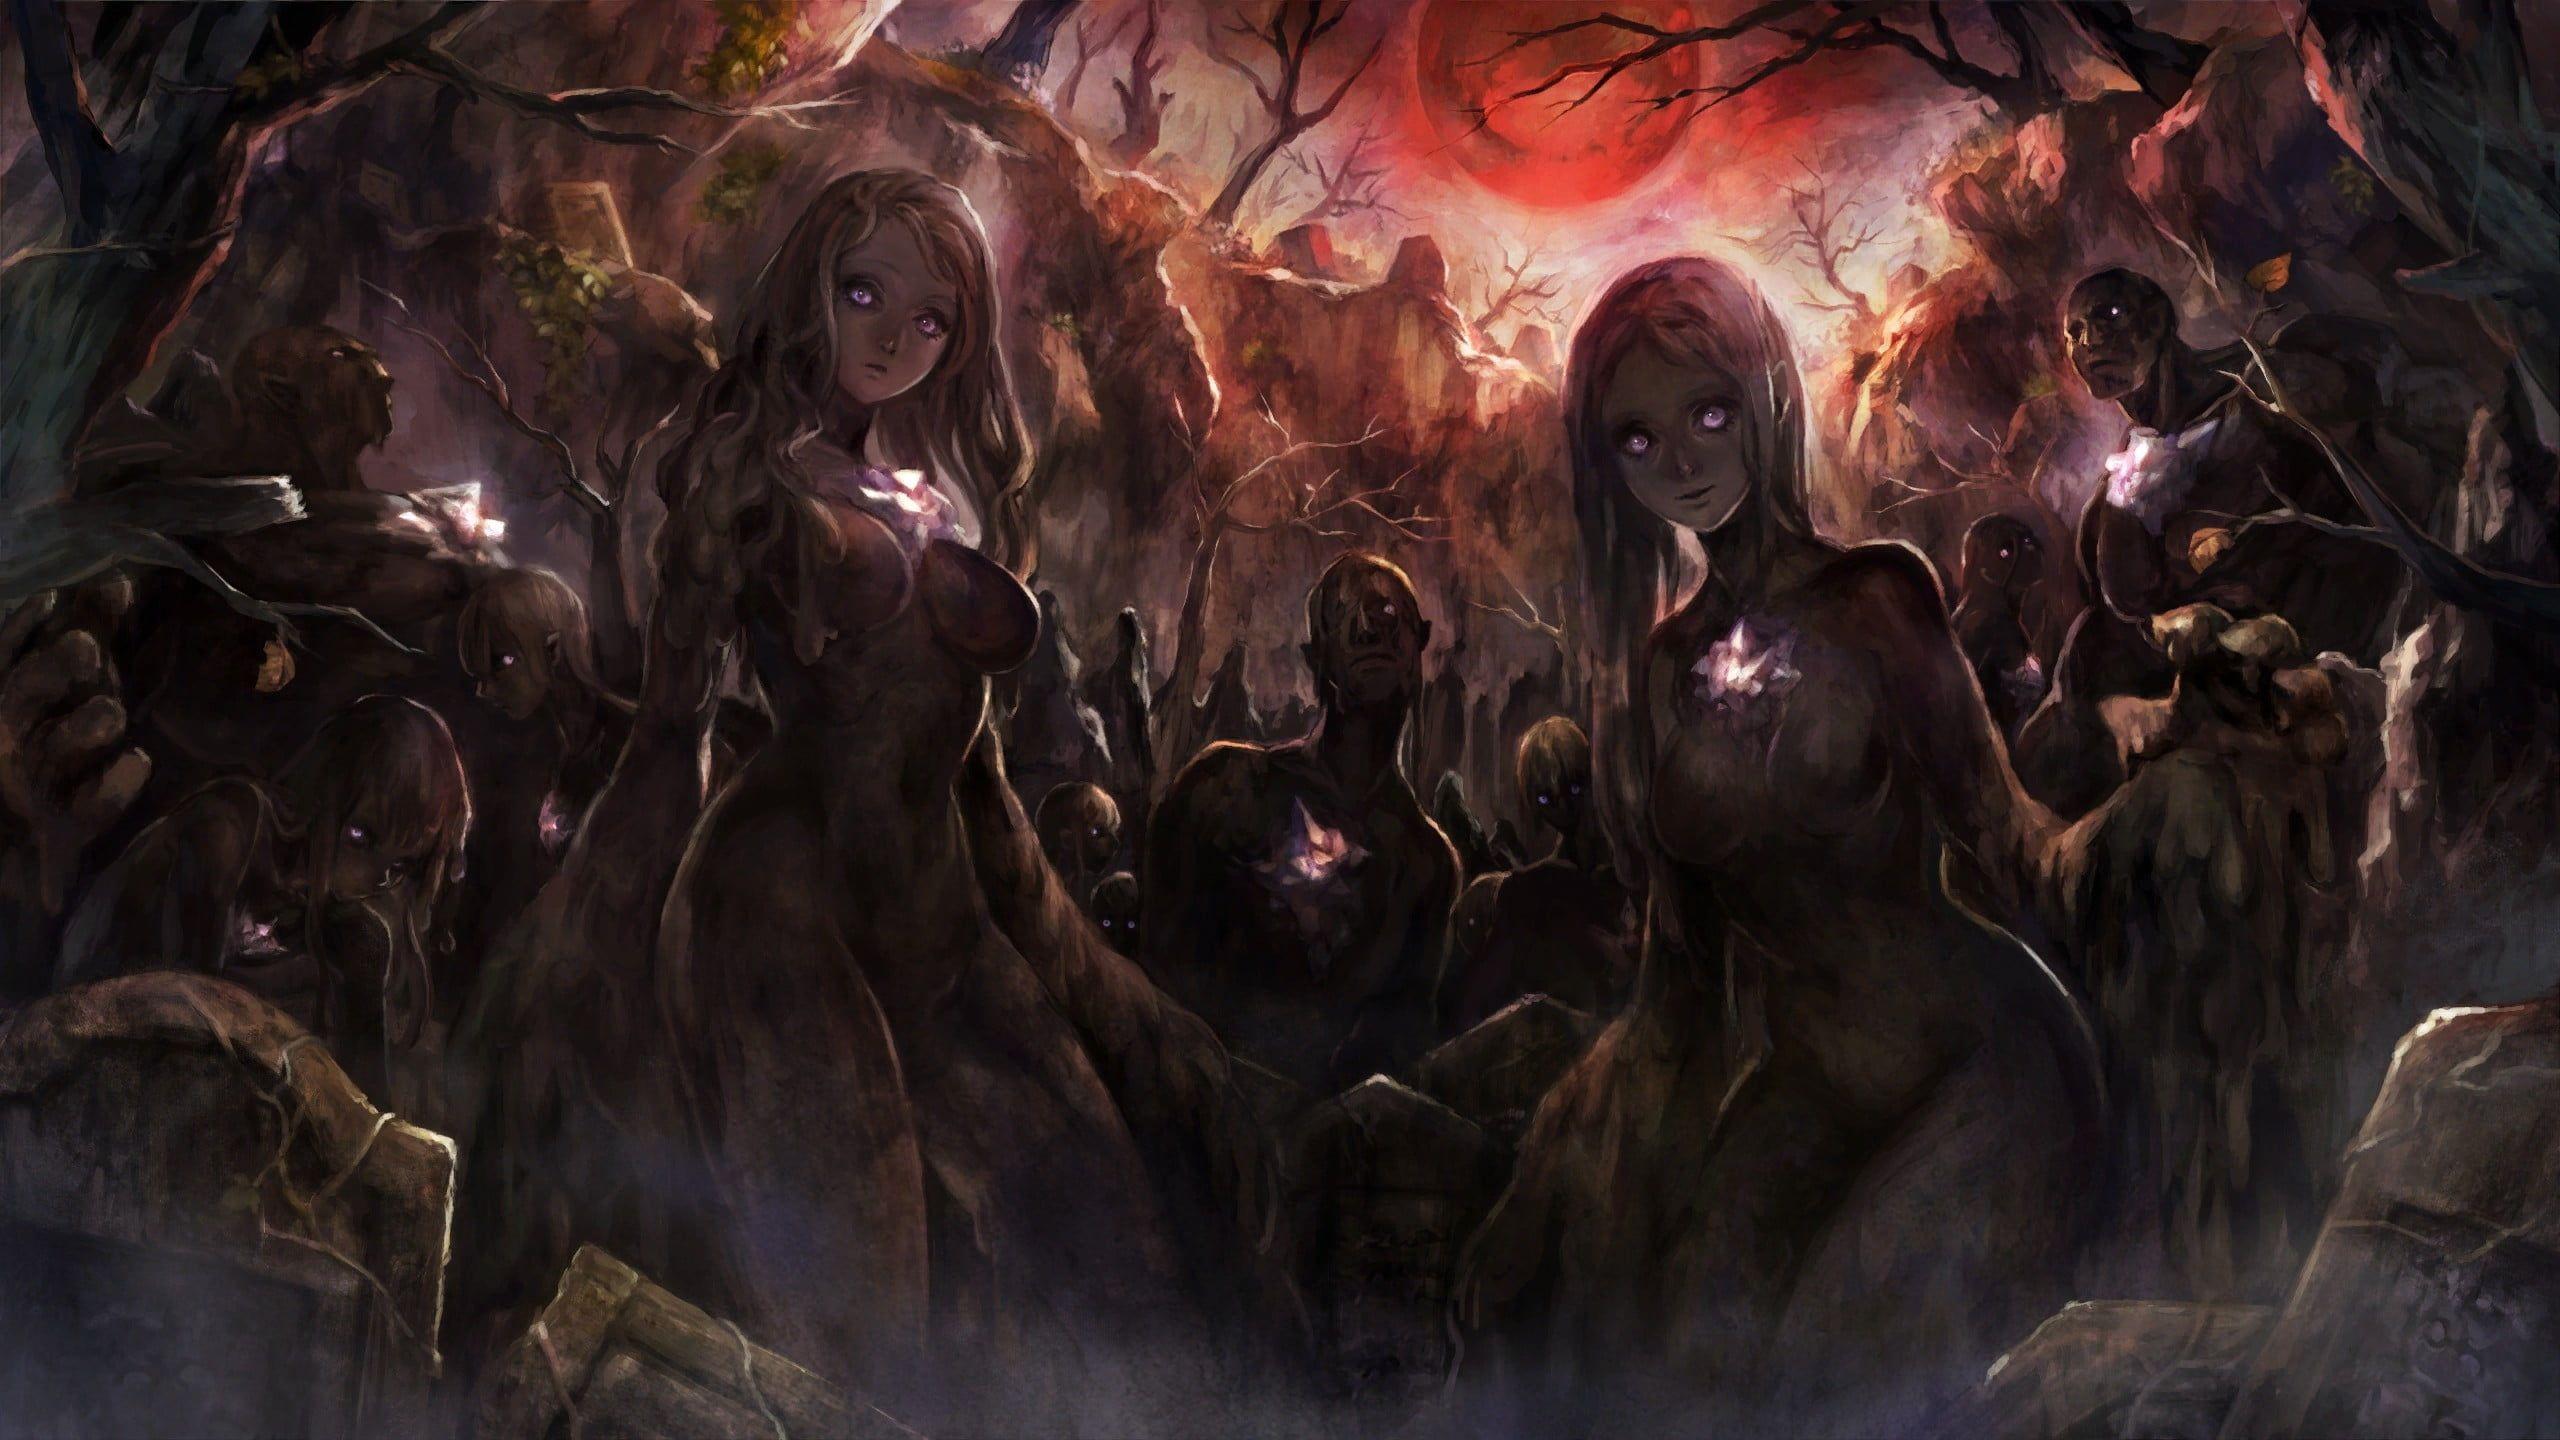 female anime character wallpaper fantasy art artwork